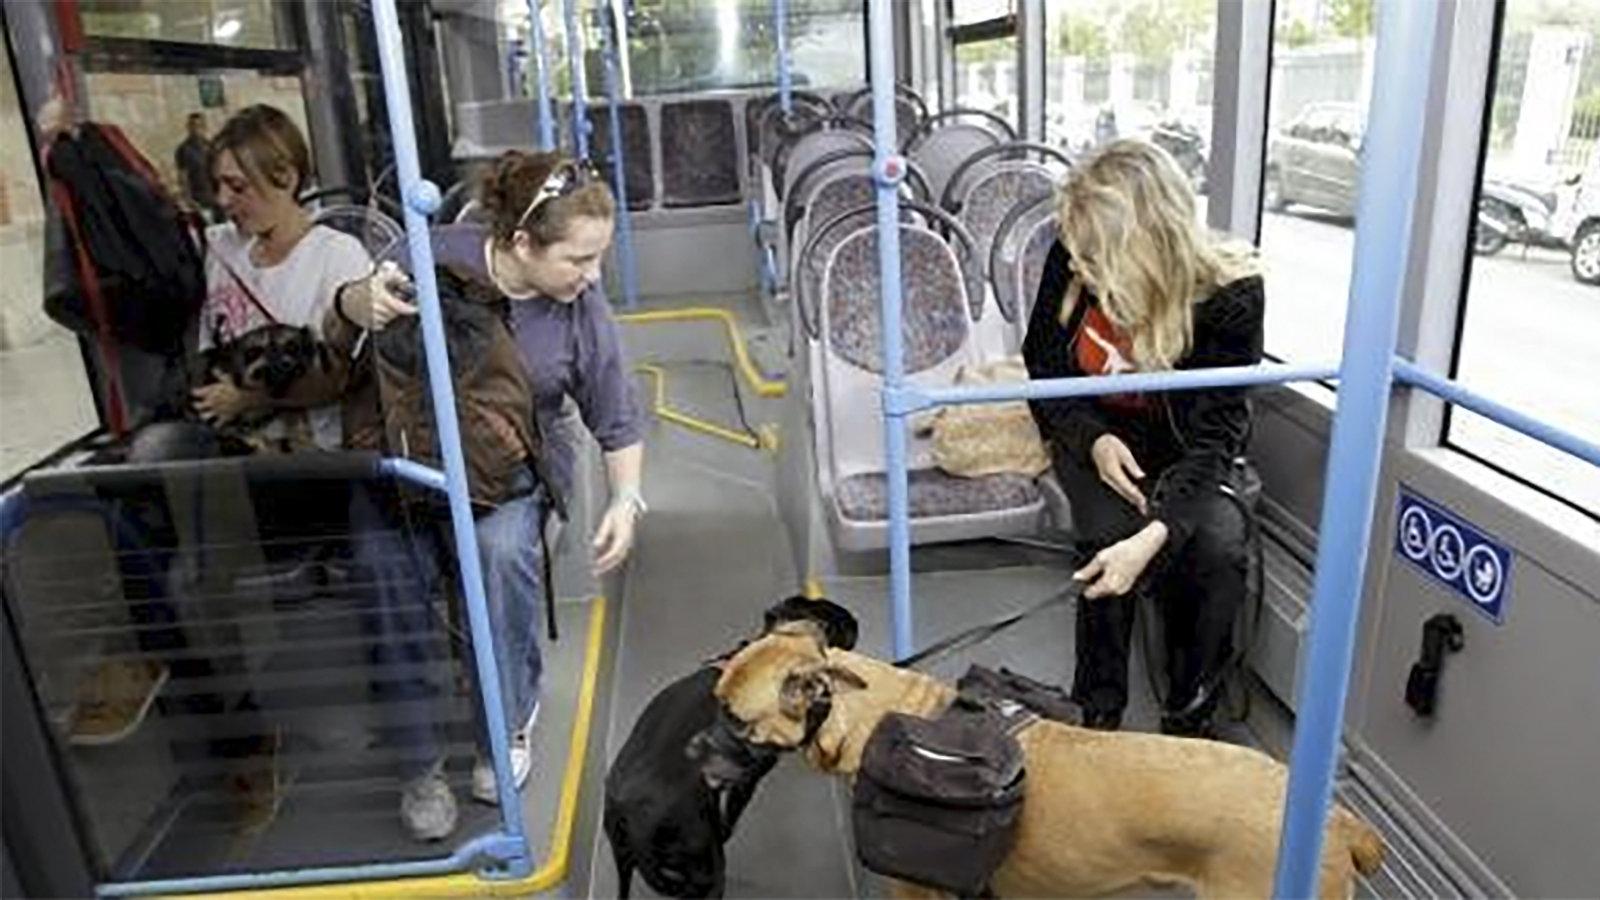 Трамвай аликанте маршруты